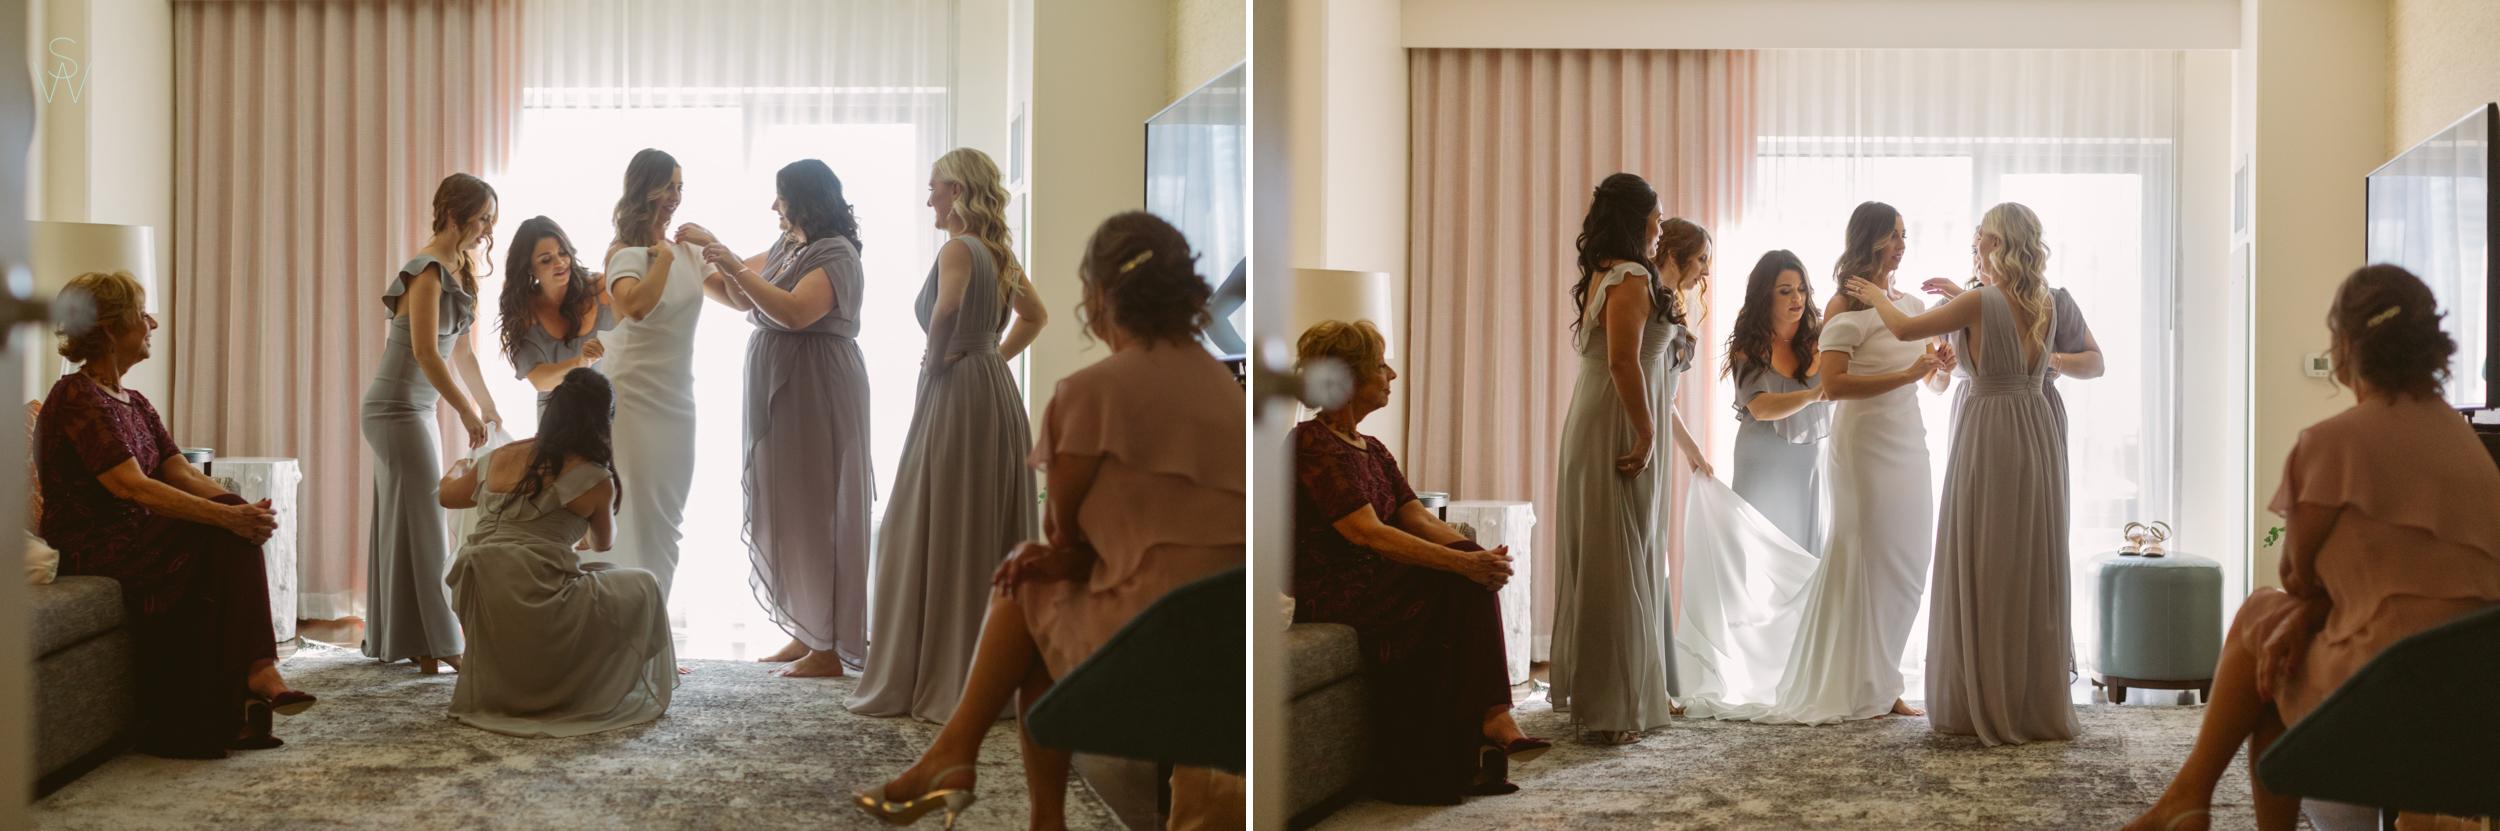 107THE.UNDERGROUND.ELEPHANT.Bridegettingready.wedding.photography.shewanders.JPG